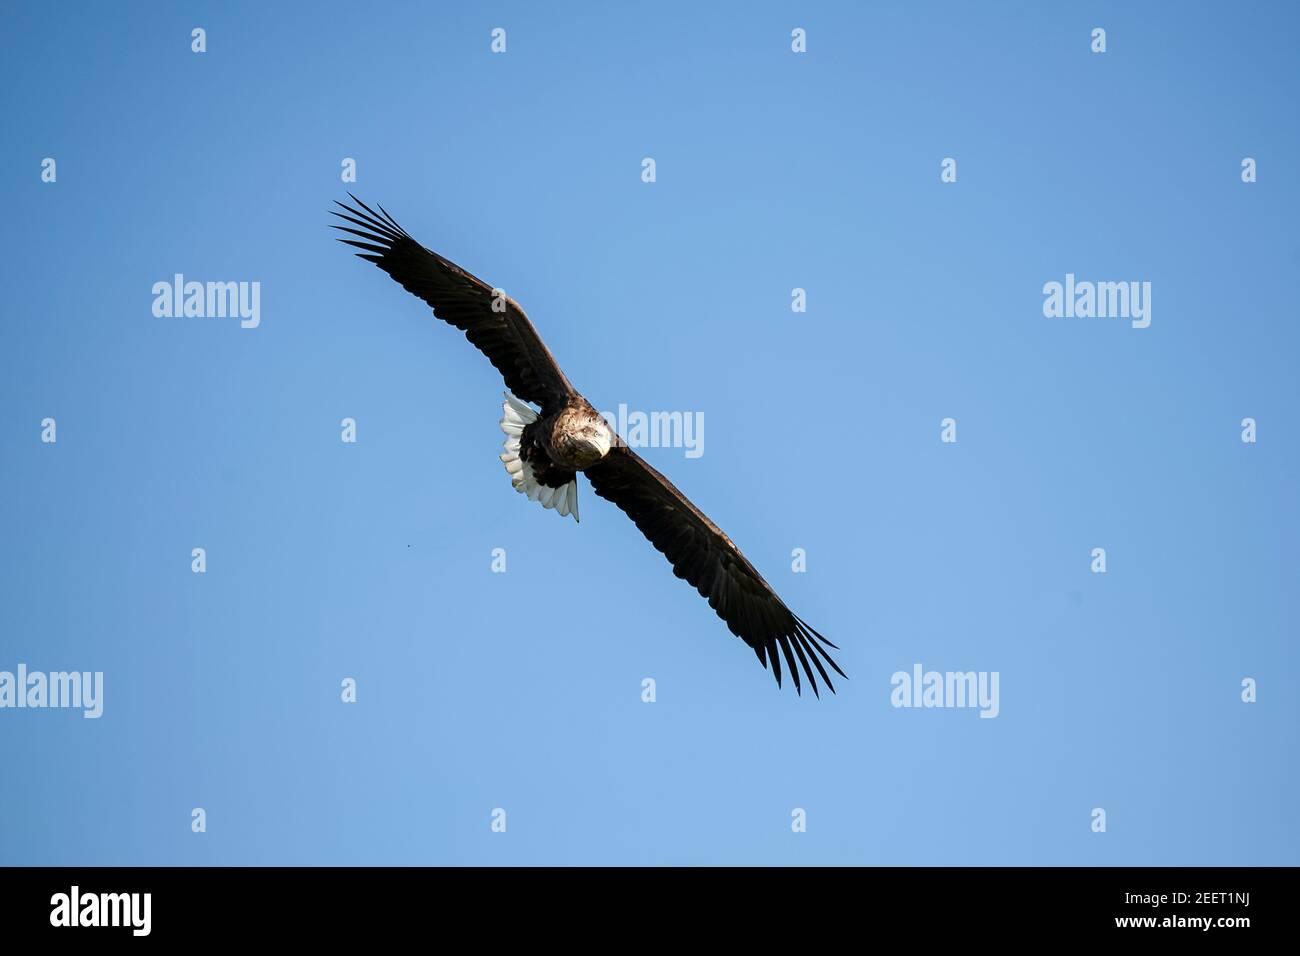 Un gran águila de cola blanca Haliaeetus albicilla volando en un corriente térmica contra un cielo azul claro Foto de stock